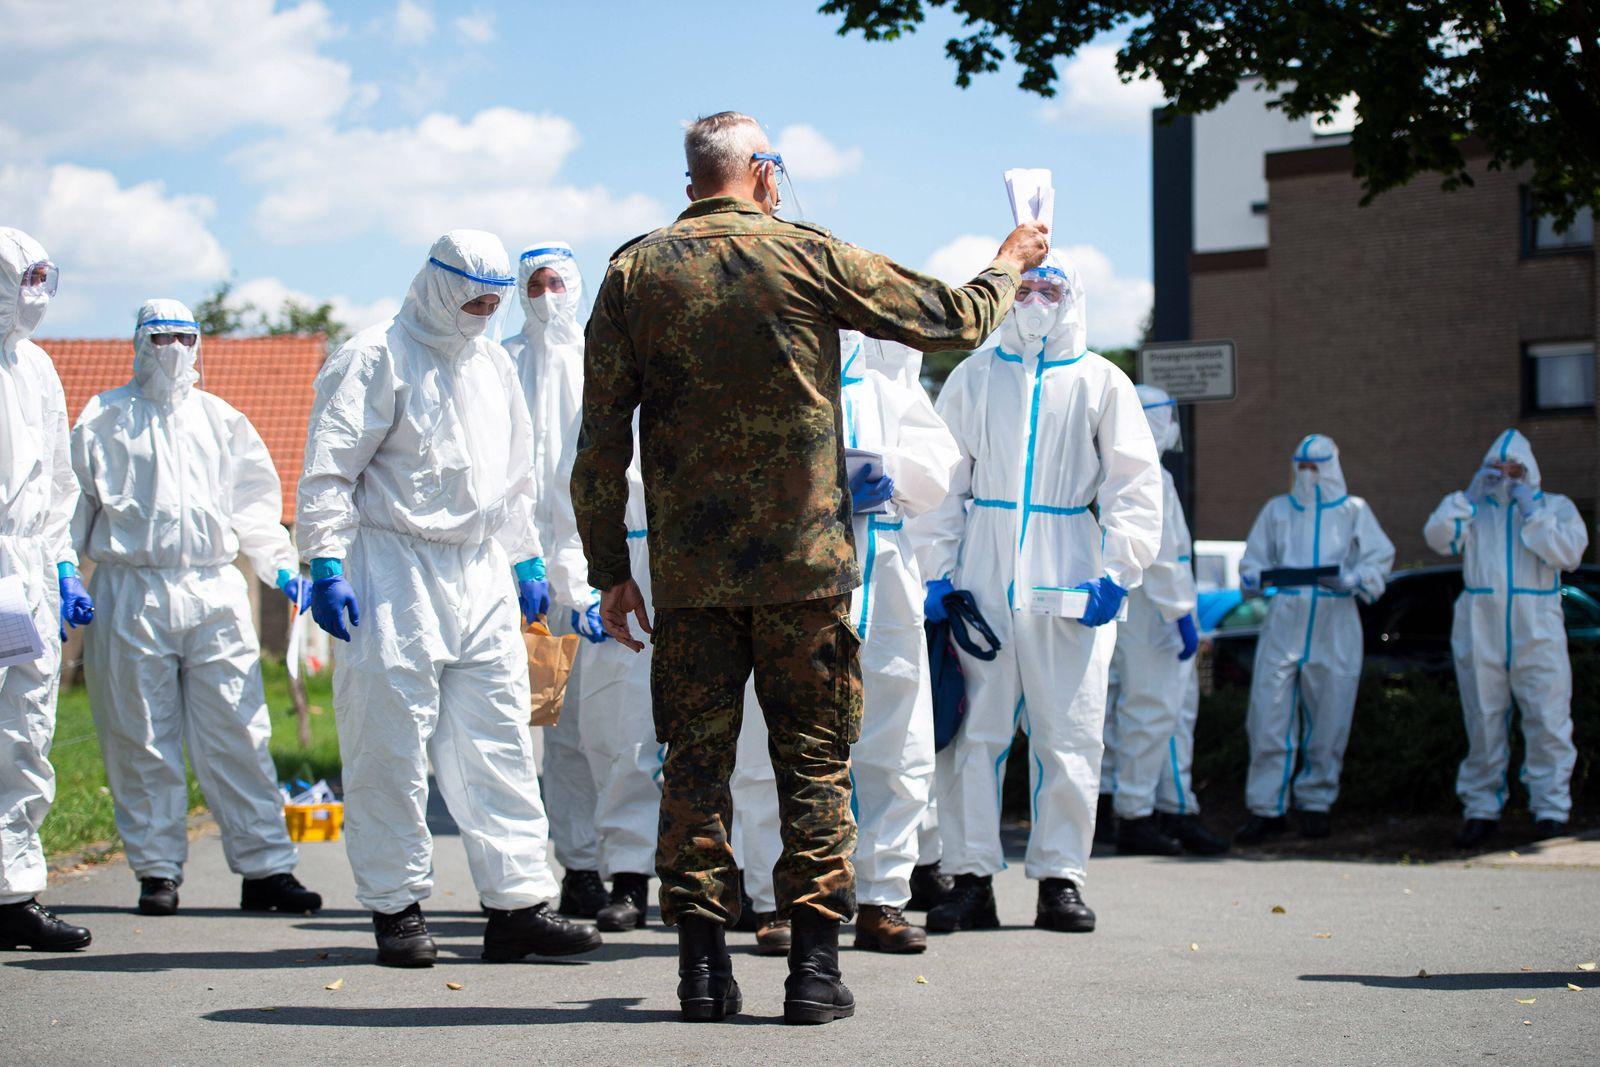 21.06.2020 - Coronavirus - Bundeswehr unterstützt Quarantäre-Wohnsiedlung von Tönnies in Verl: In Verl wurde eine gesam